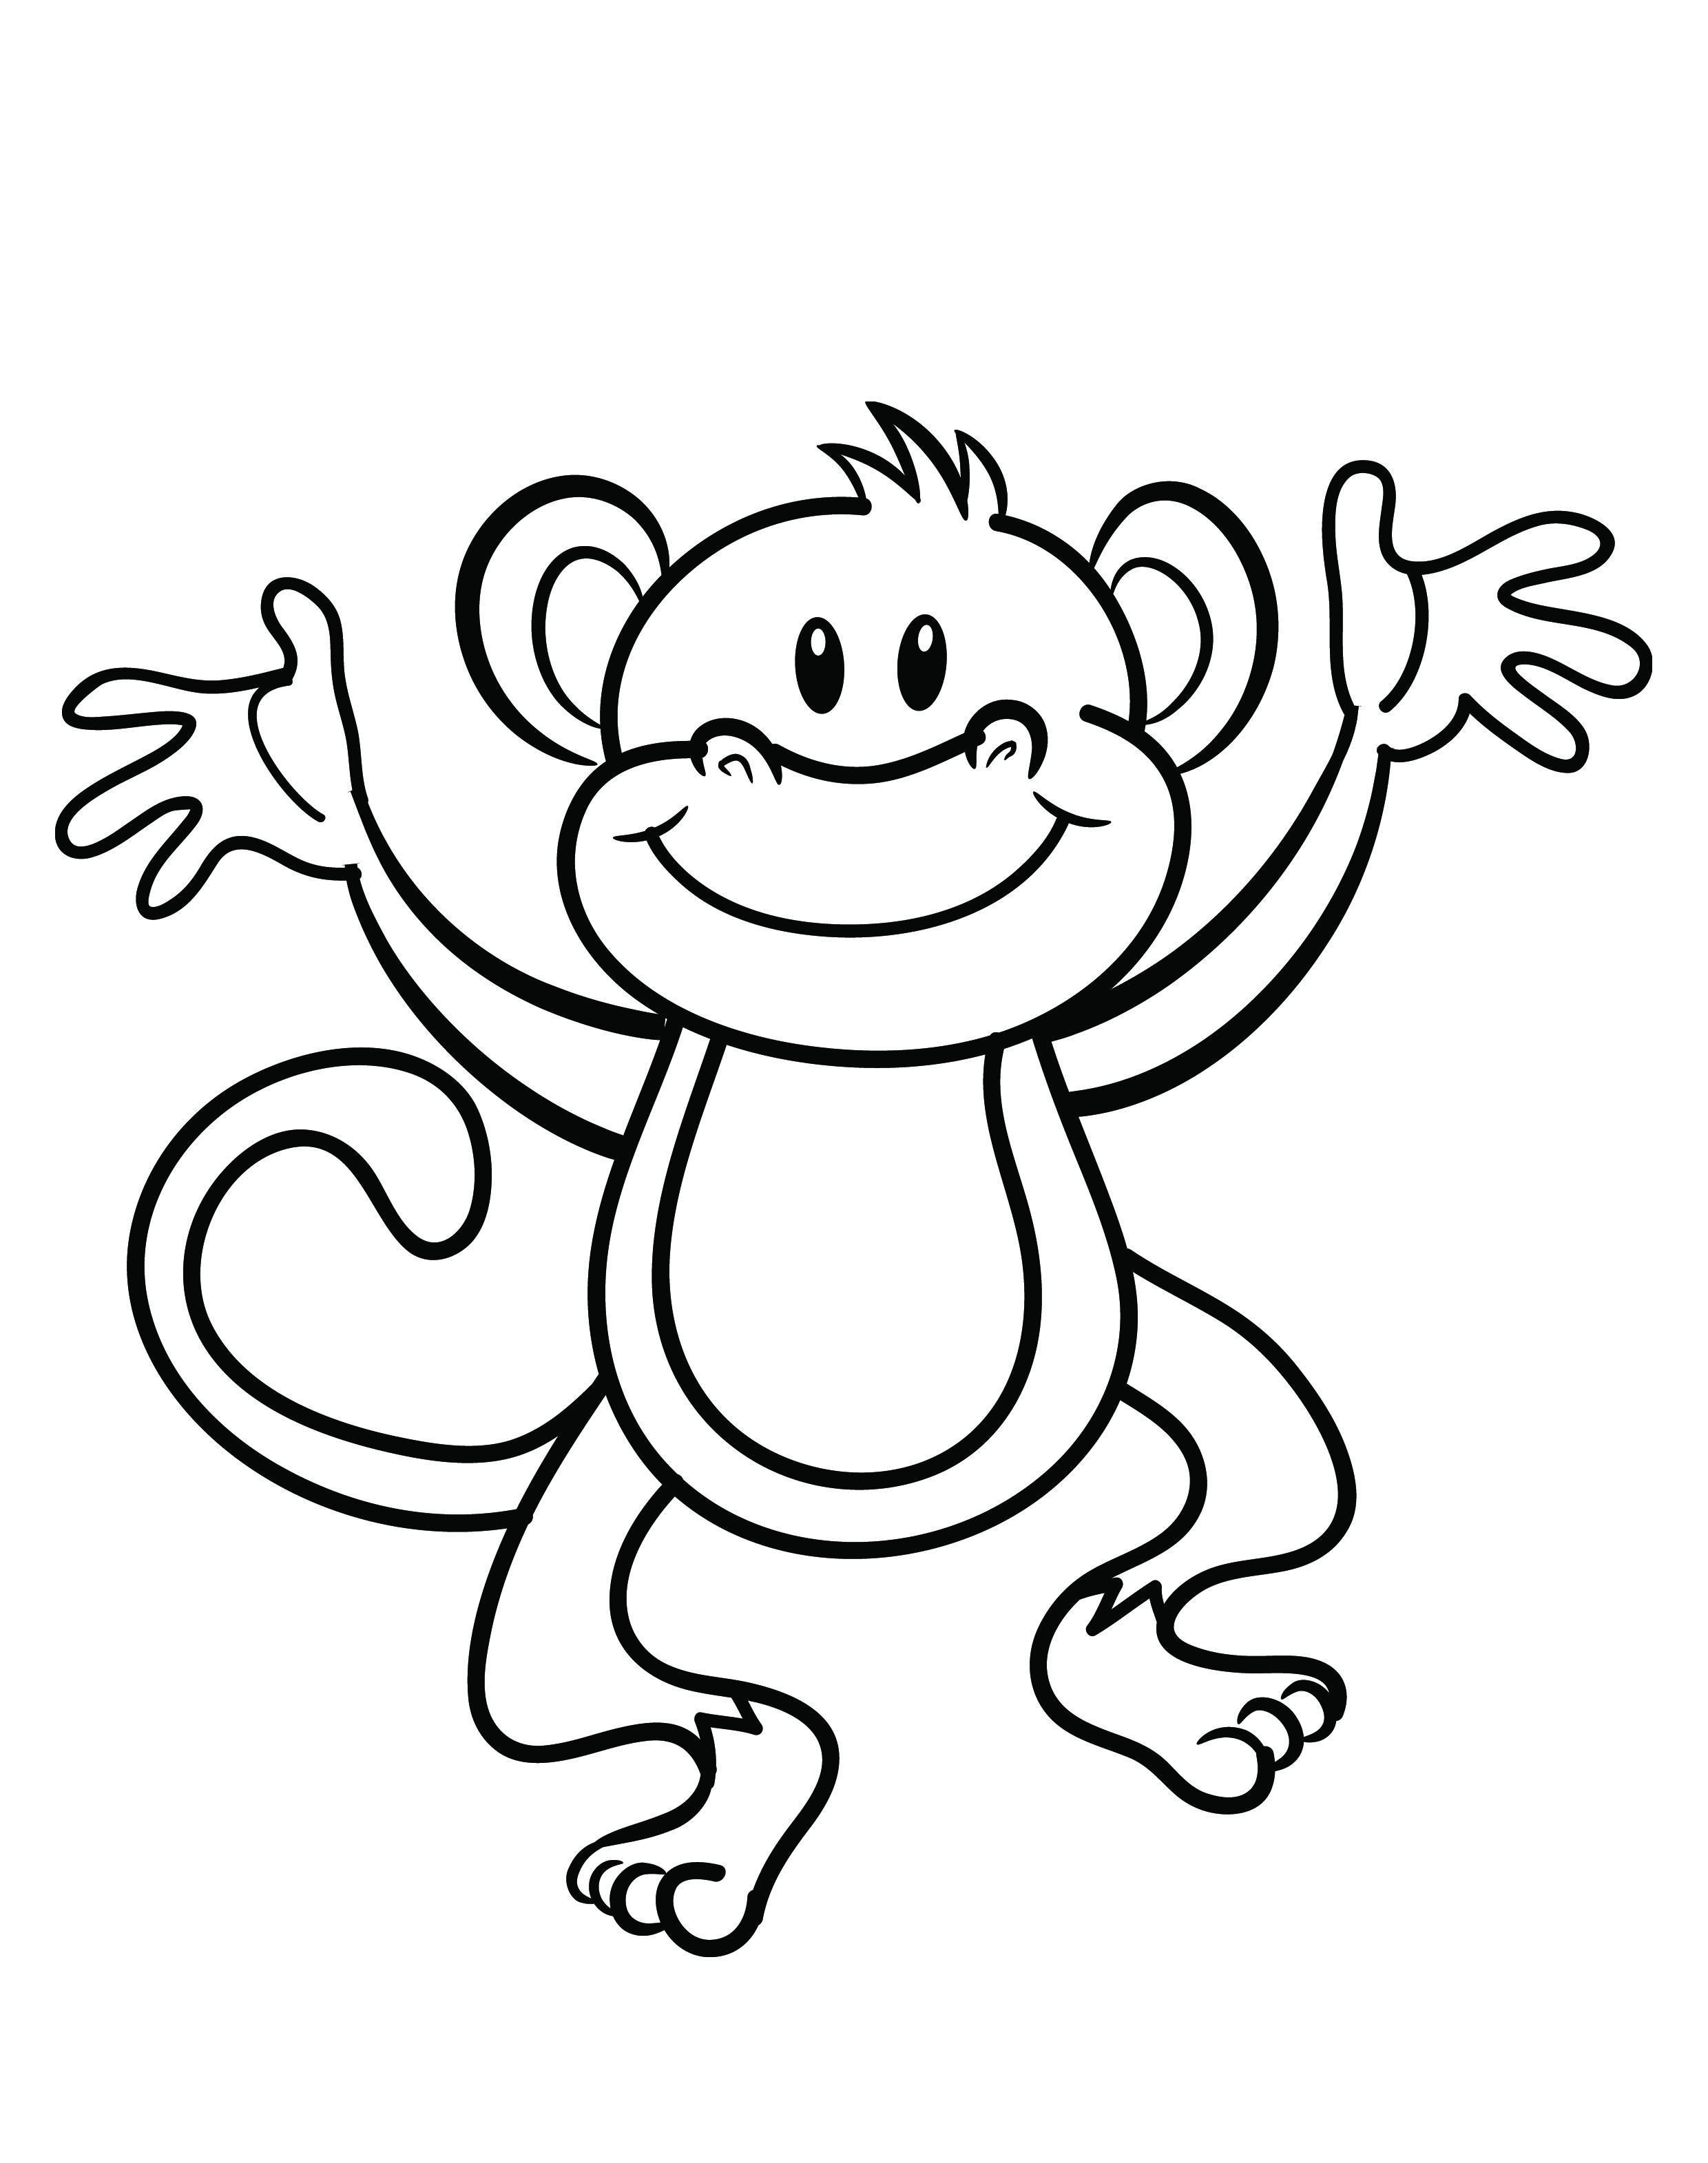 Free Printable Monkey Coloring Page | Cj 1St Birthday | Pinterest - Free Printable Monkey Coloring Sheets